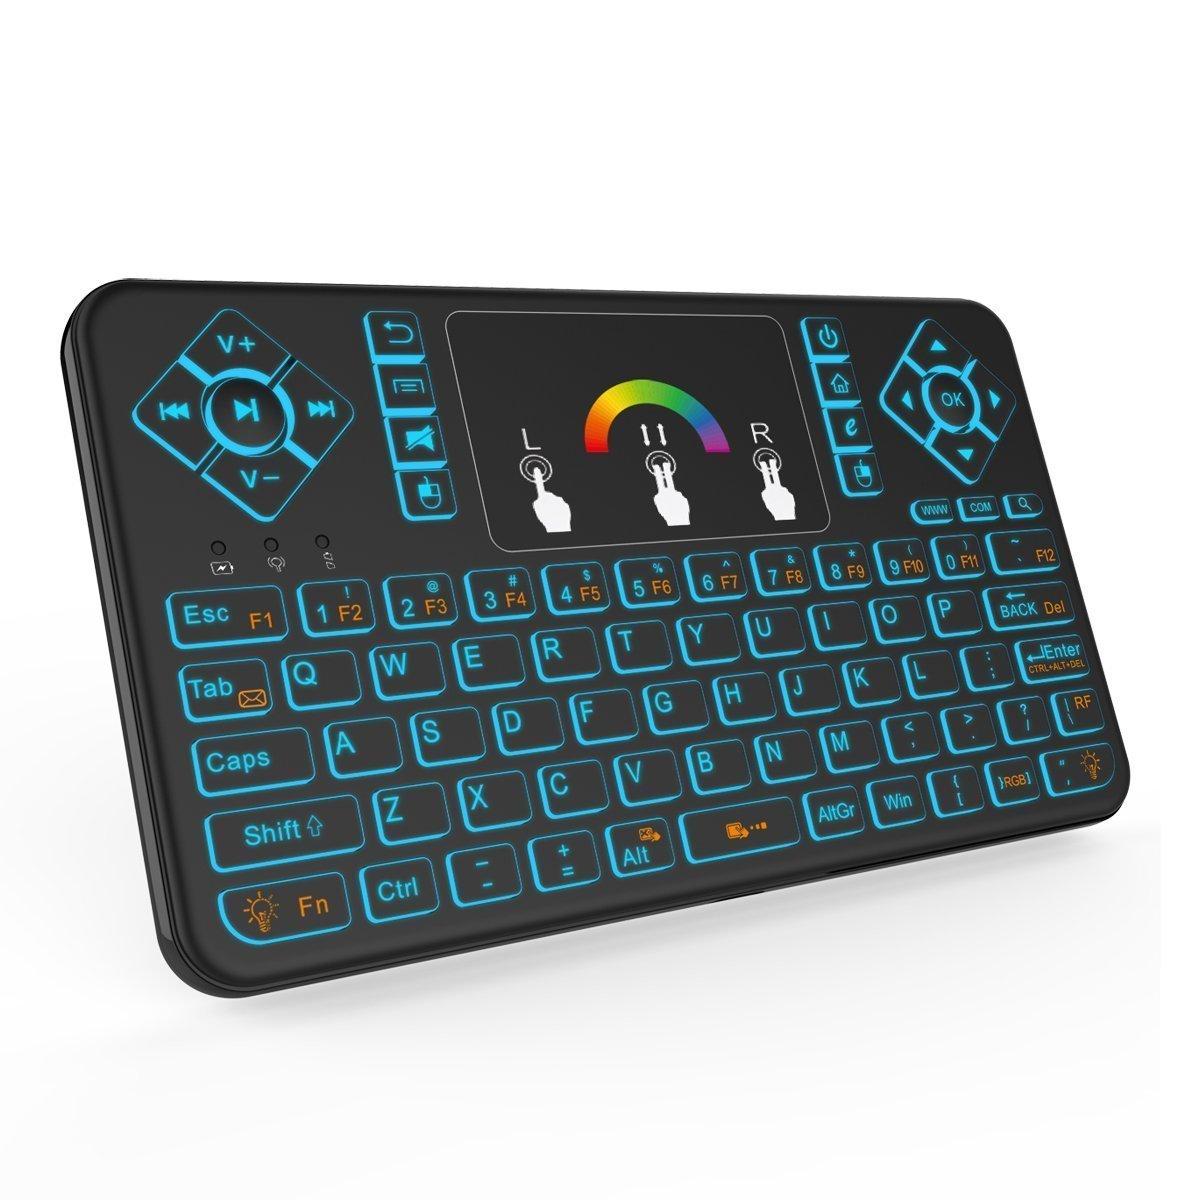 QQPOW Teclado inalámbrico colorido teclado retroiluminado inalámbrico Mini portátil con ratón Touchpad